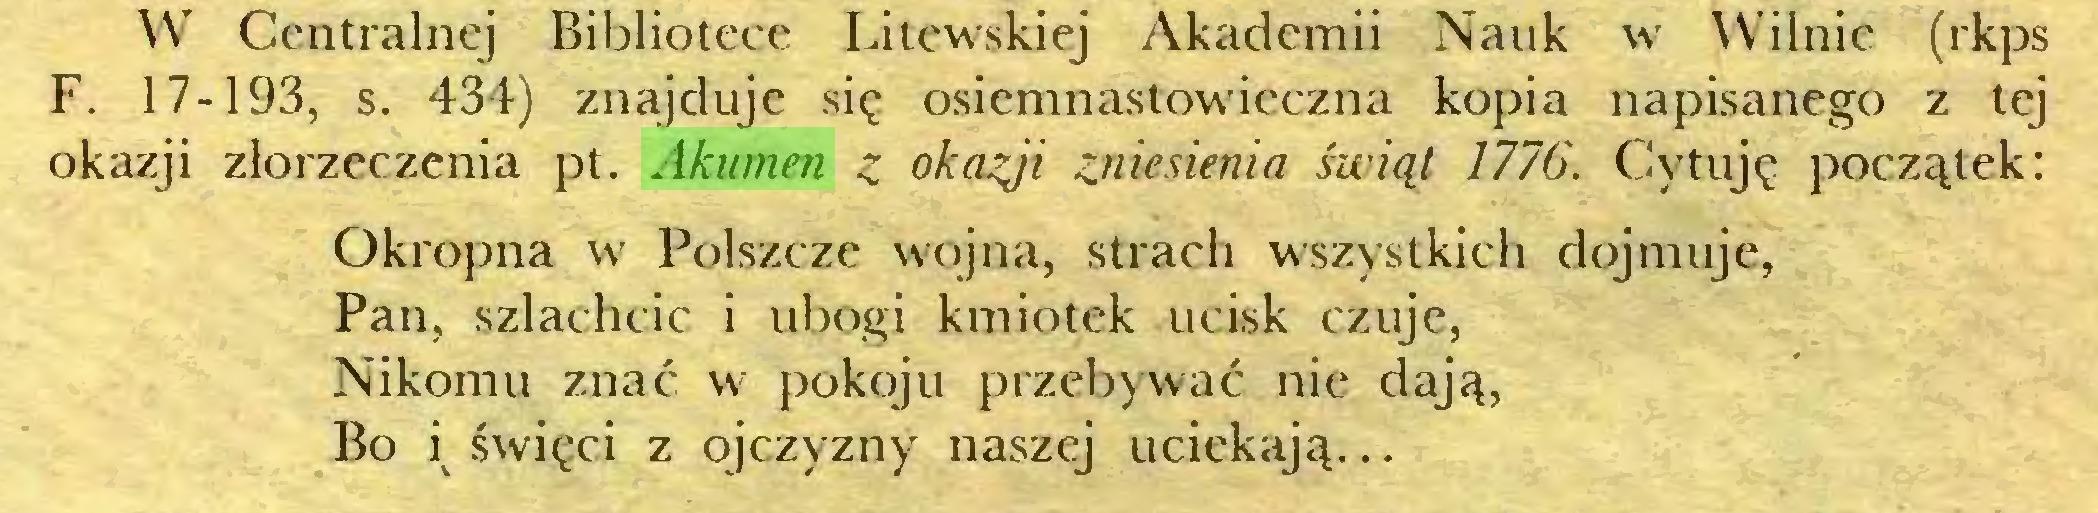 (...) W Centralnej Bibliotece Litewskiej Akademii Nauk w Wilnie (rkps F. 17-193, s. 434) znajduje się osiemnastowieczna kopia napisanego z tej okazji złorzeczenia pt. Akumen z okazji zniesienia świąt 177G. Cytuję początek: Okropna w Polszczę wojna, strach wszystkich dojmuje, Pan, szlachcic i ubogi kmiotek ucisk czuje, Nikomu znać w pokoju przebywać nie dają, Bo is święci z ojczyzny naszej uciekają...